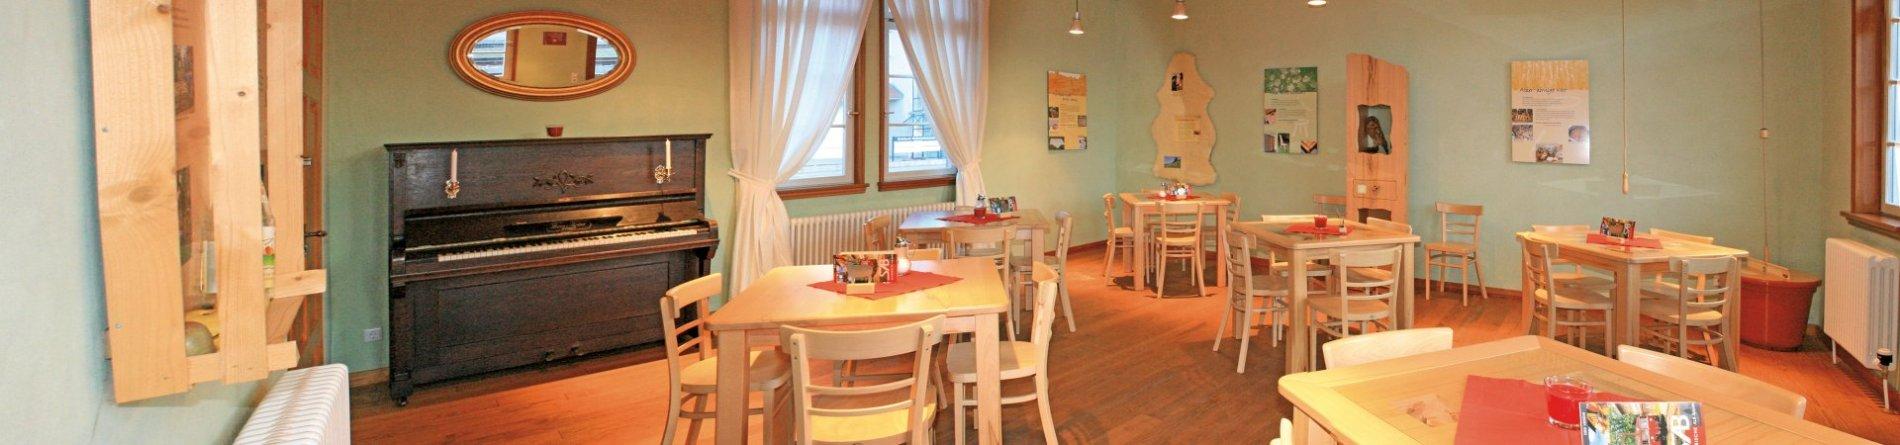 Ein Panorambild eines Raums mit mehreren Tischen und Stühlen und mintgrünen Wänden. An der Wand steht ein Klavier und es hängen mehrere Tafeln. Der Raum ist gemütlich eingerichtet.